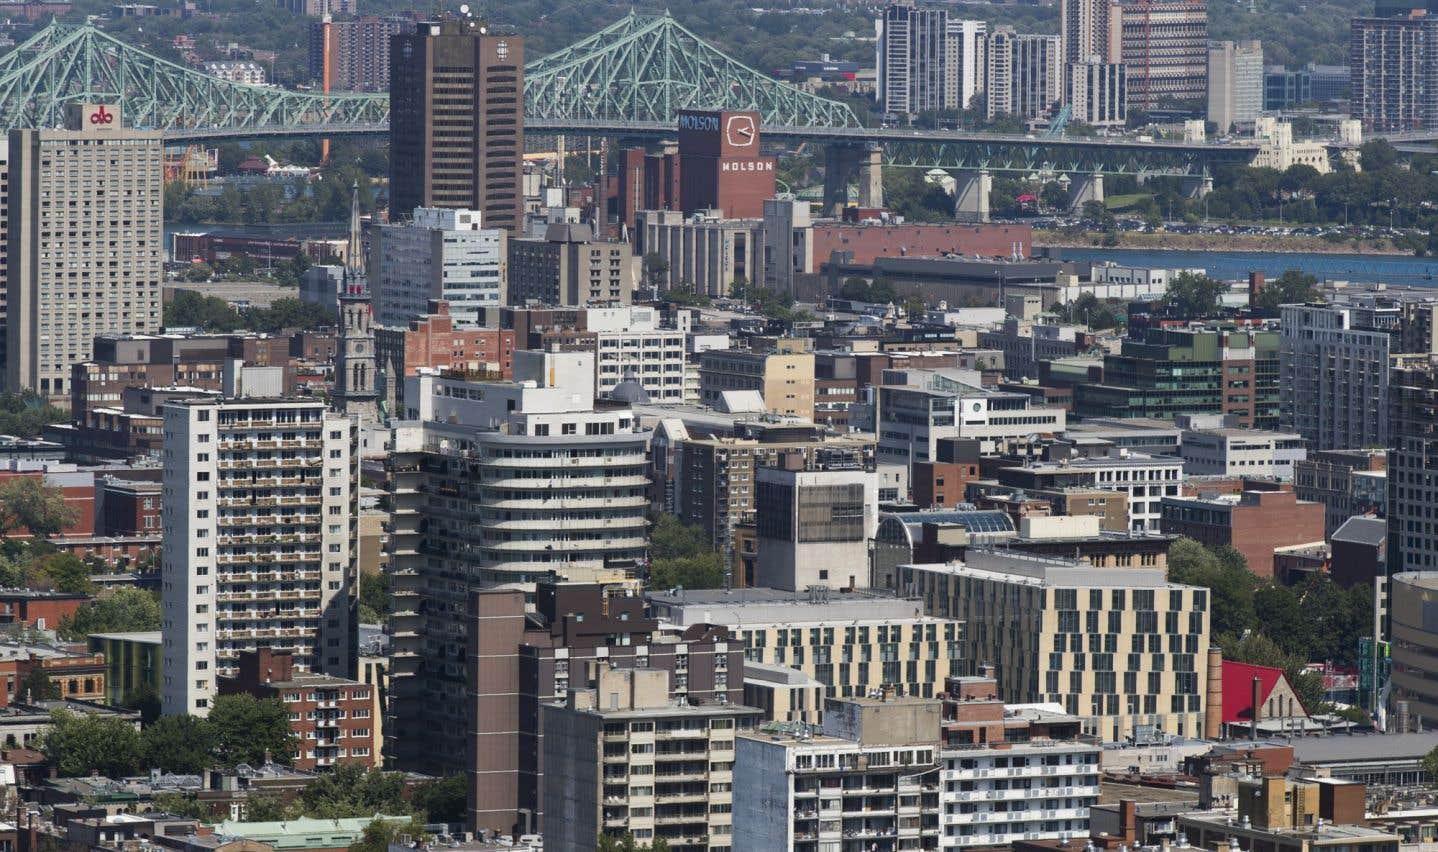 3,2% des logements des arrondissements du Plateau Mont-Royal et de Ville-Marie sont réservés à la location à court terme, ce qui les rend inaccessibles pour la location à long terme.